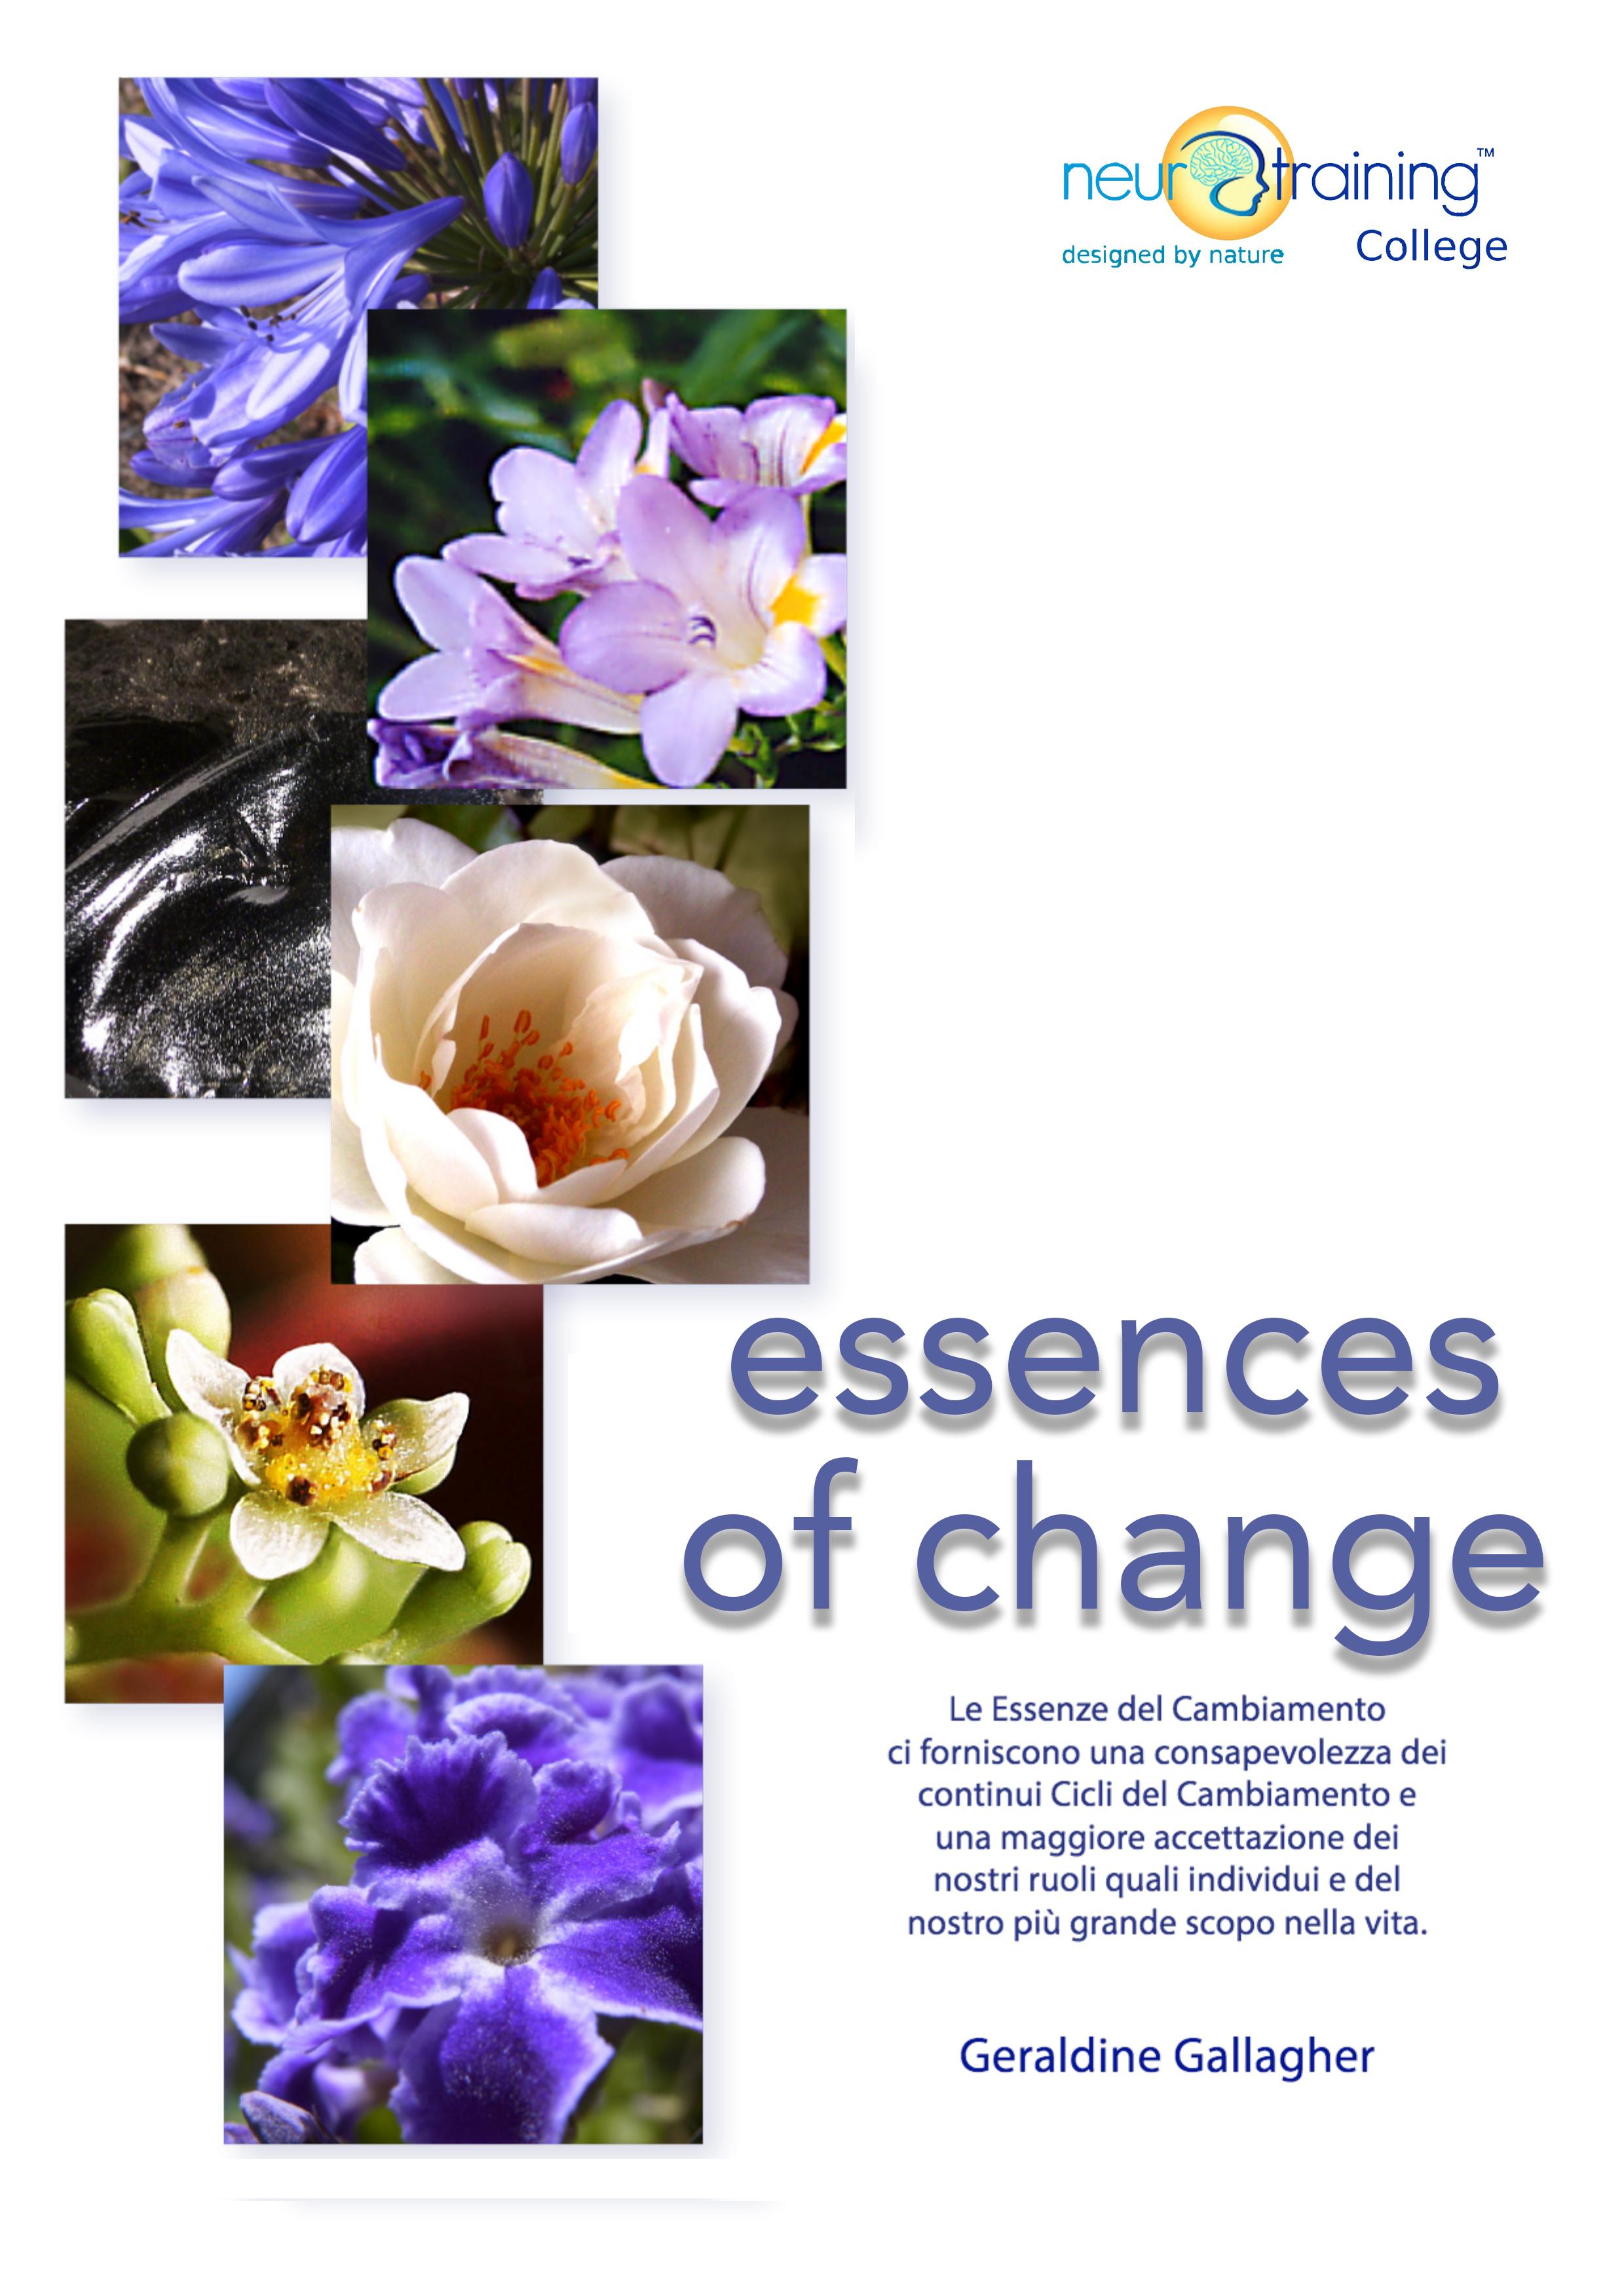 ESSENCES OF CHANGE / Le Essenze del Cambiamento